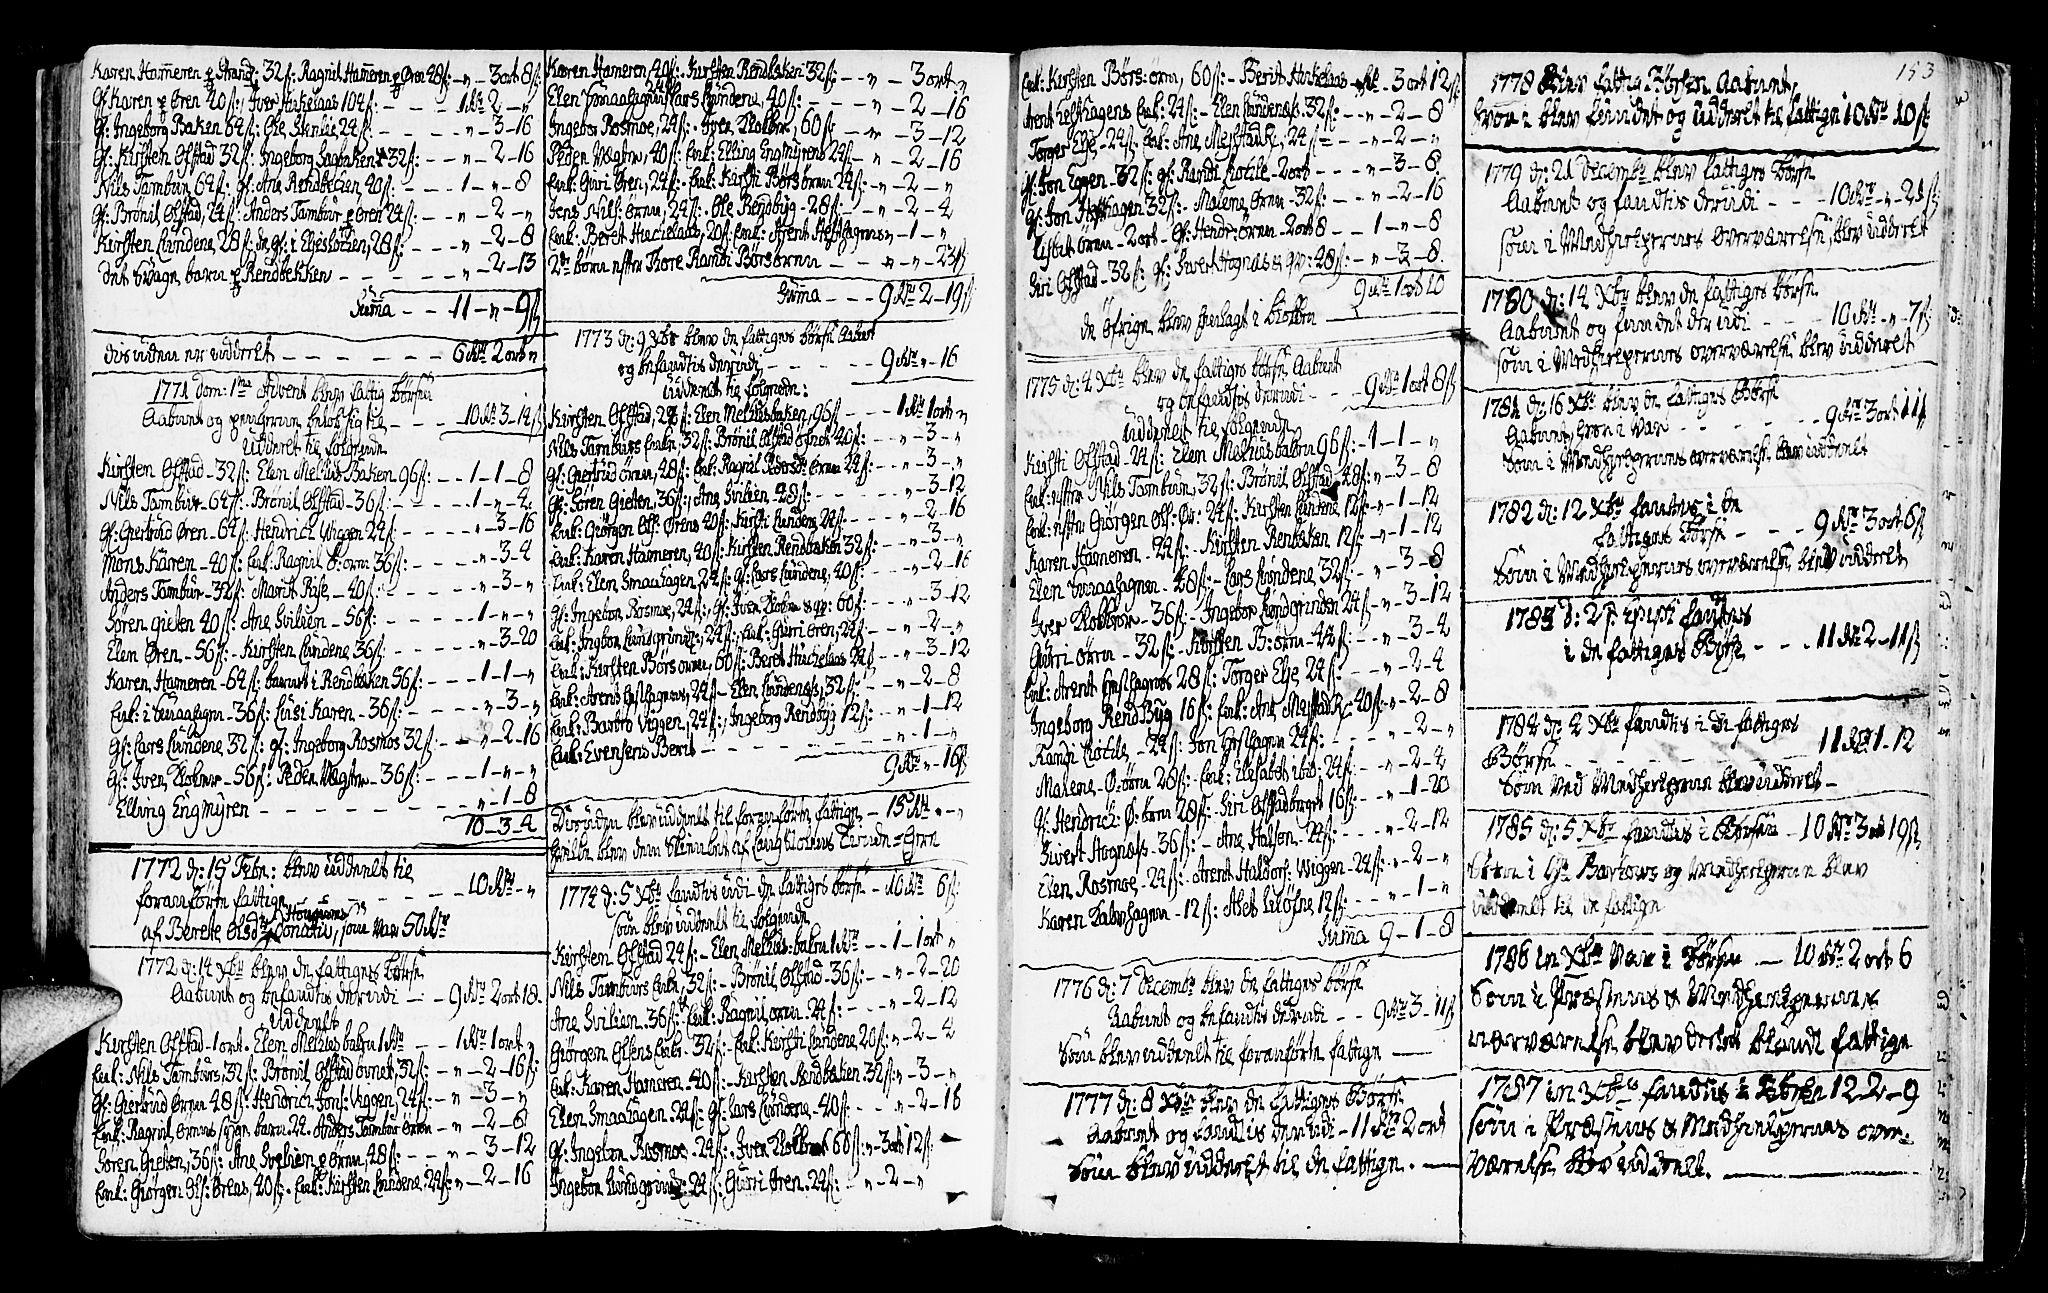 SAT, Ministerialprotokoller, klokkerbøker og fødselsregistre - Sør-Trøndelag, 665/L0768: Ministerialbok nr. 665A03, 1754-1803, s. 153